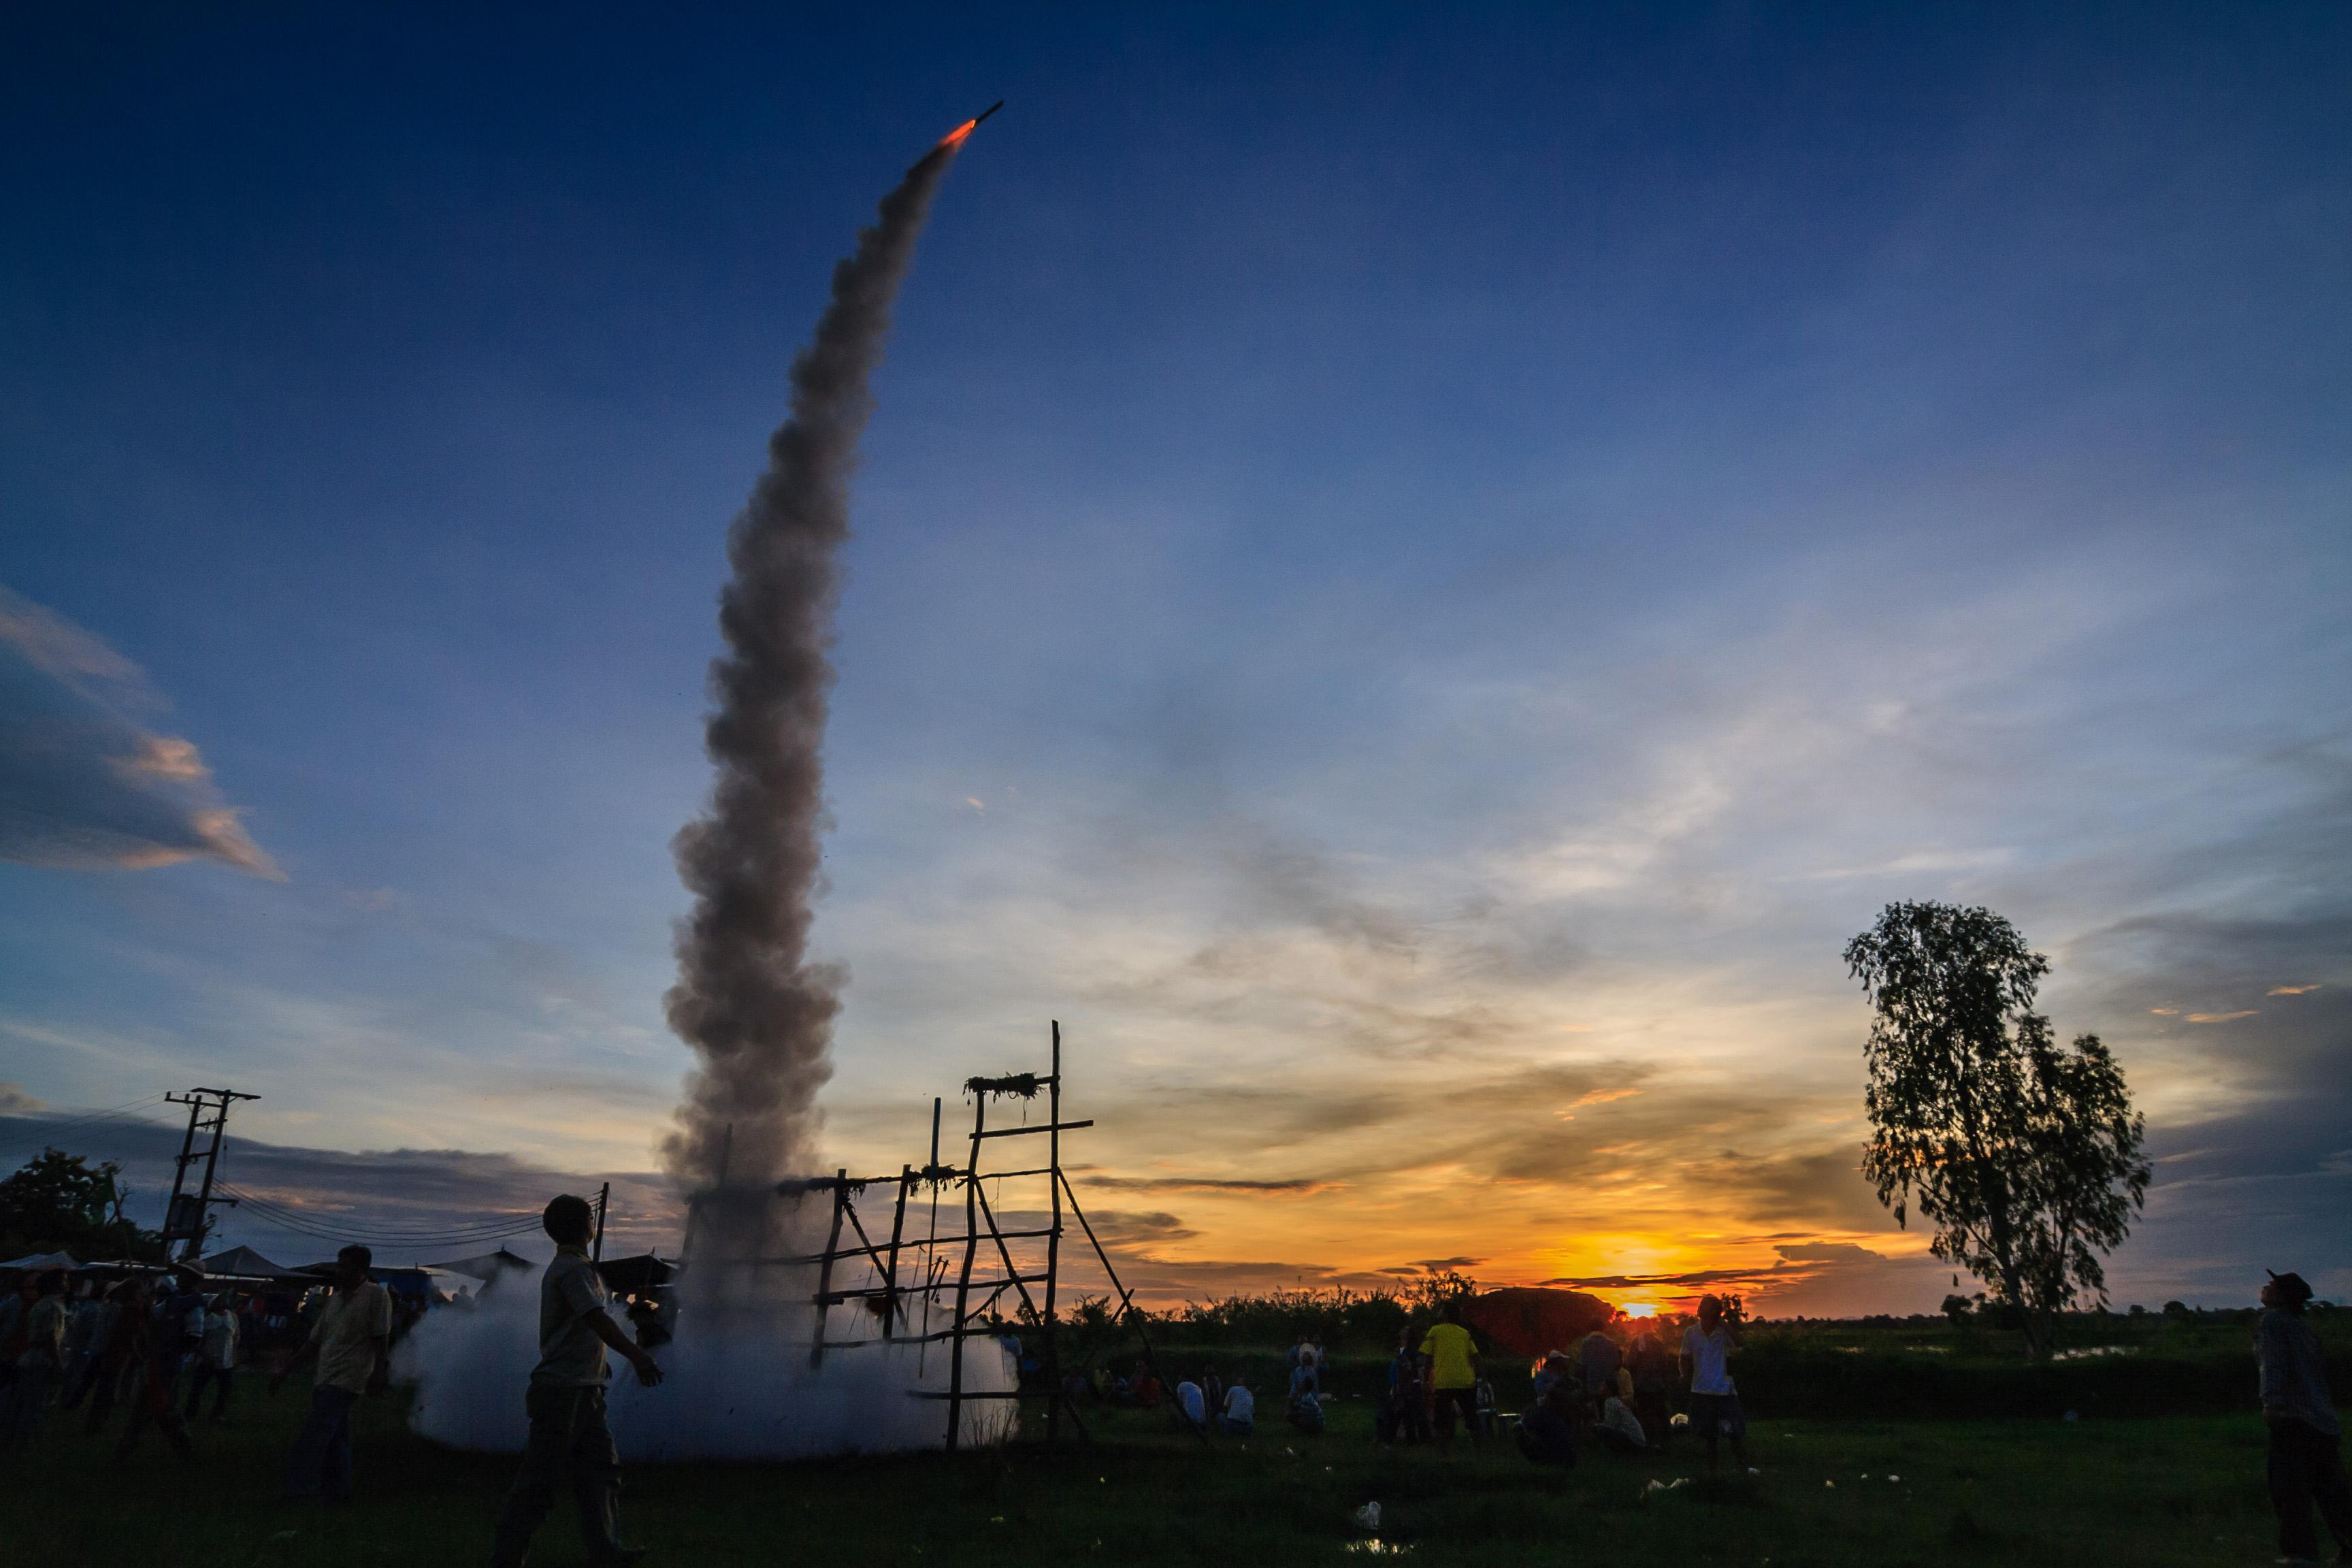 Запуском десятков самодельных ракет тайцы просят небо о дожде